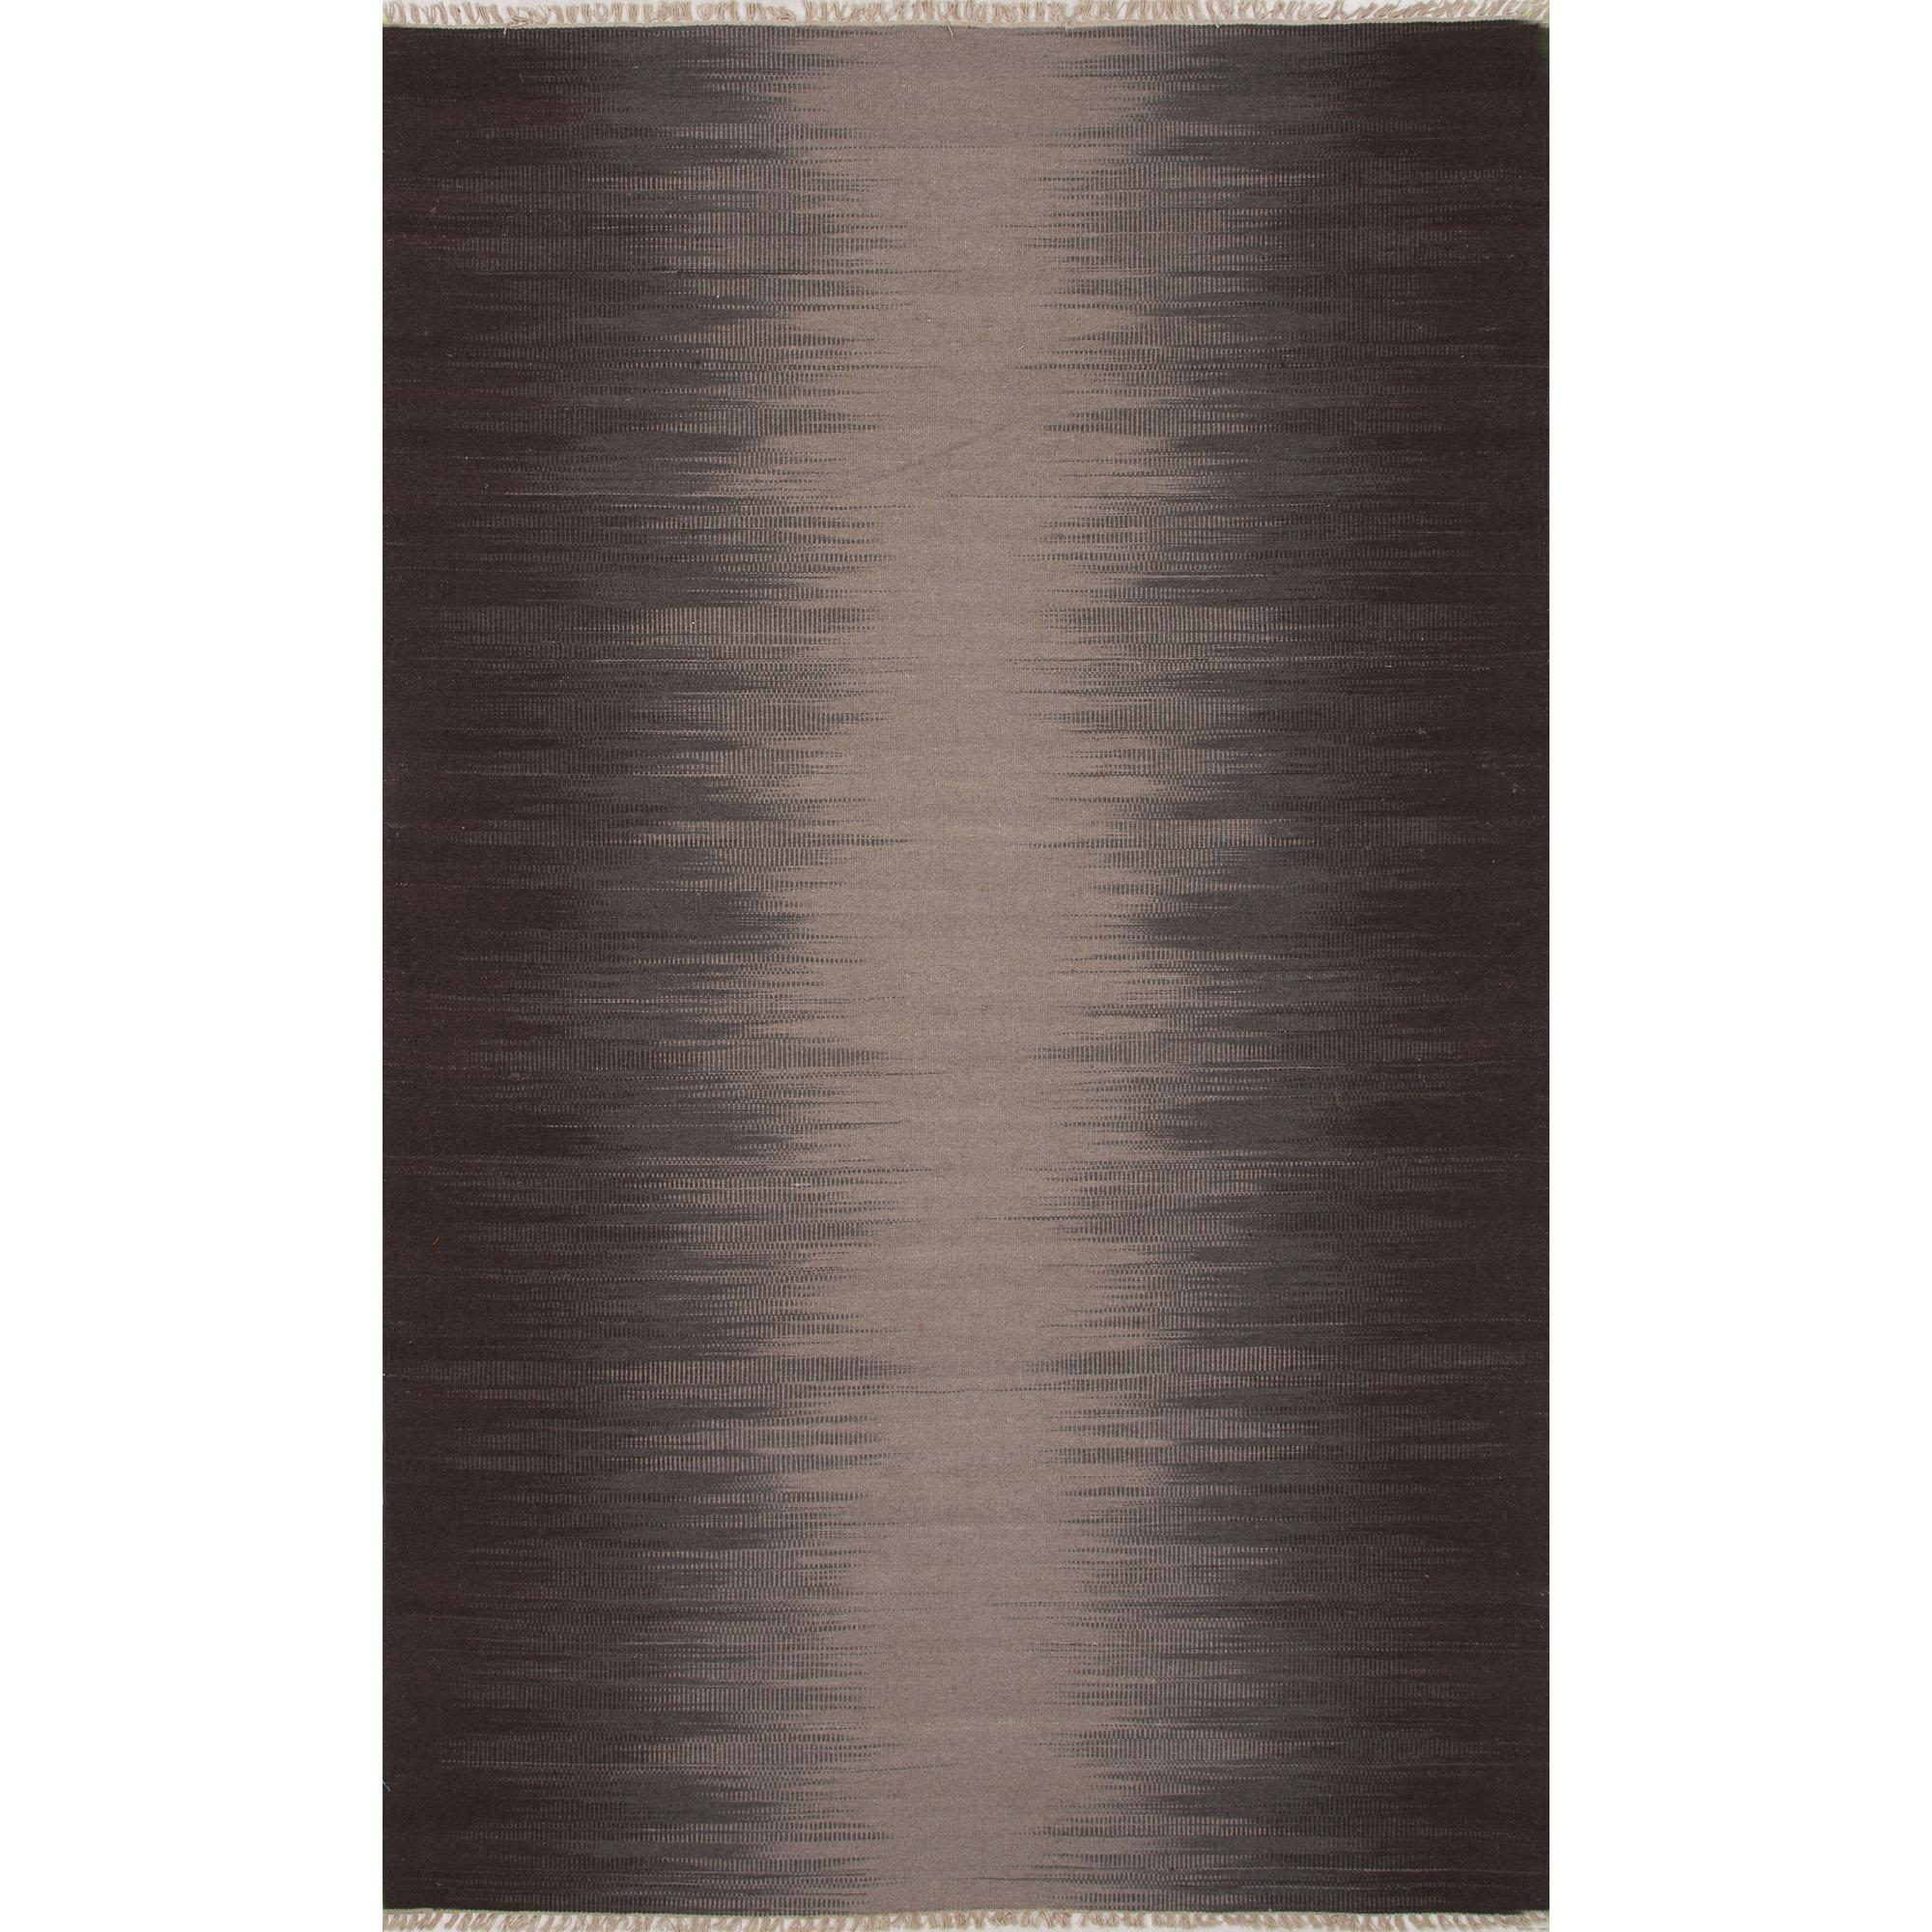 JAIPUR Rugs Spectra 5 x 8 Rug - Item Number: RUG120264